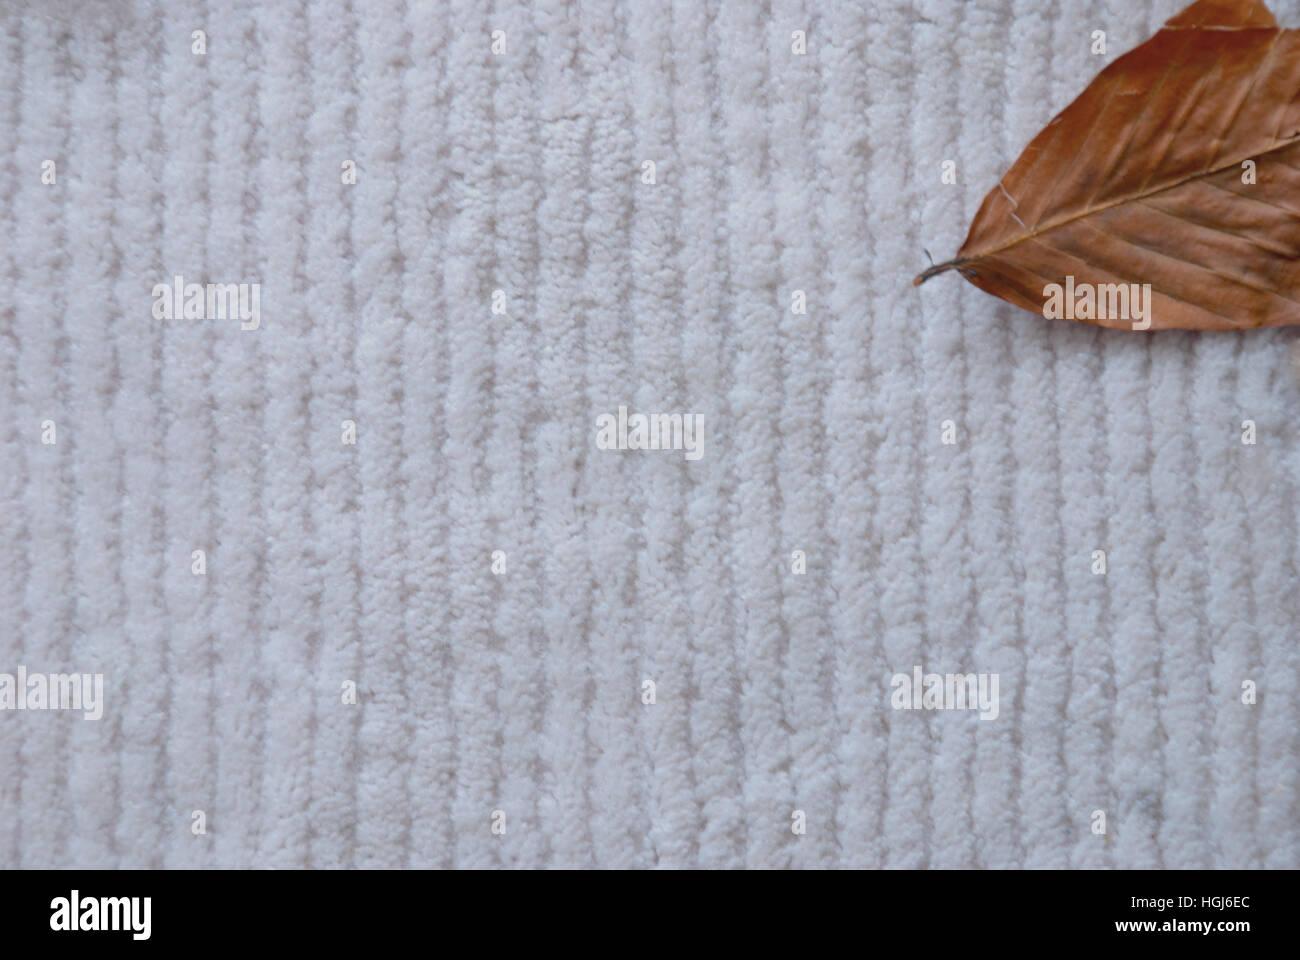 Resumen gris textura y decoración textil alfombras para los fondos. Imagen De Stock